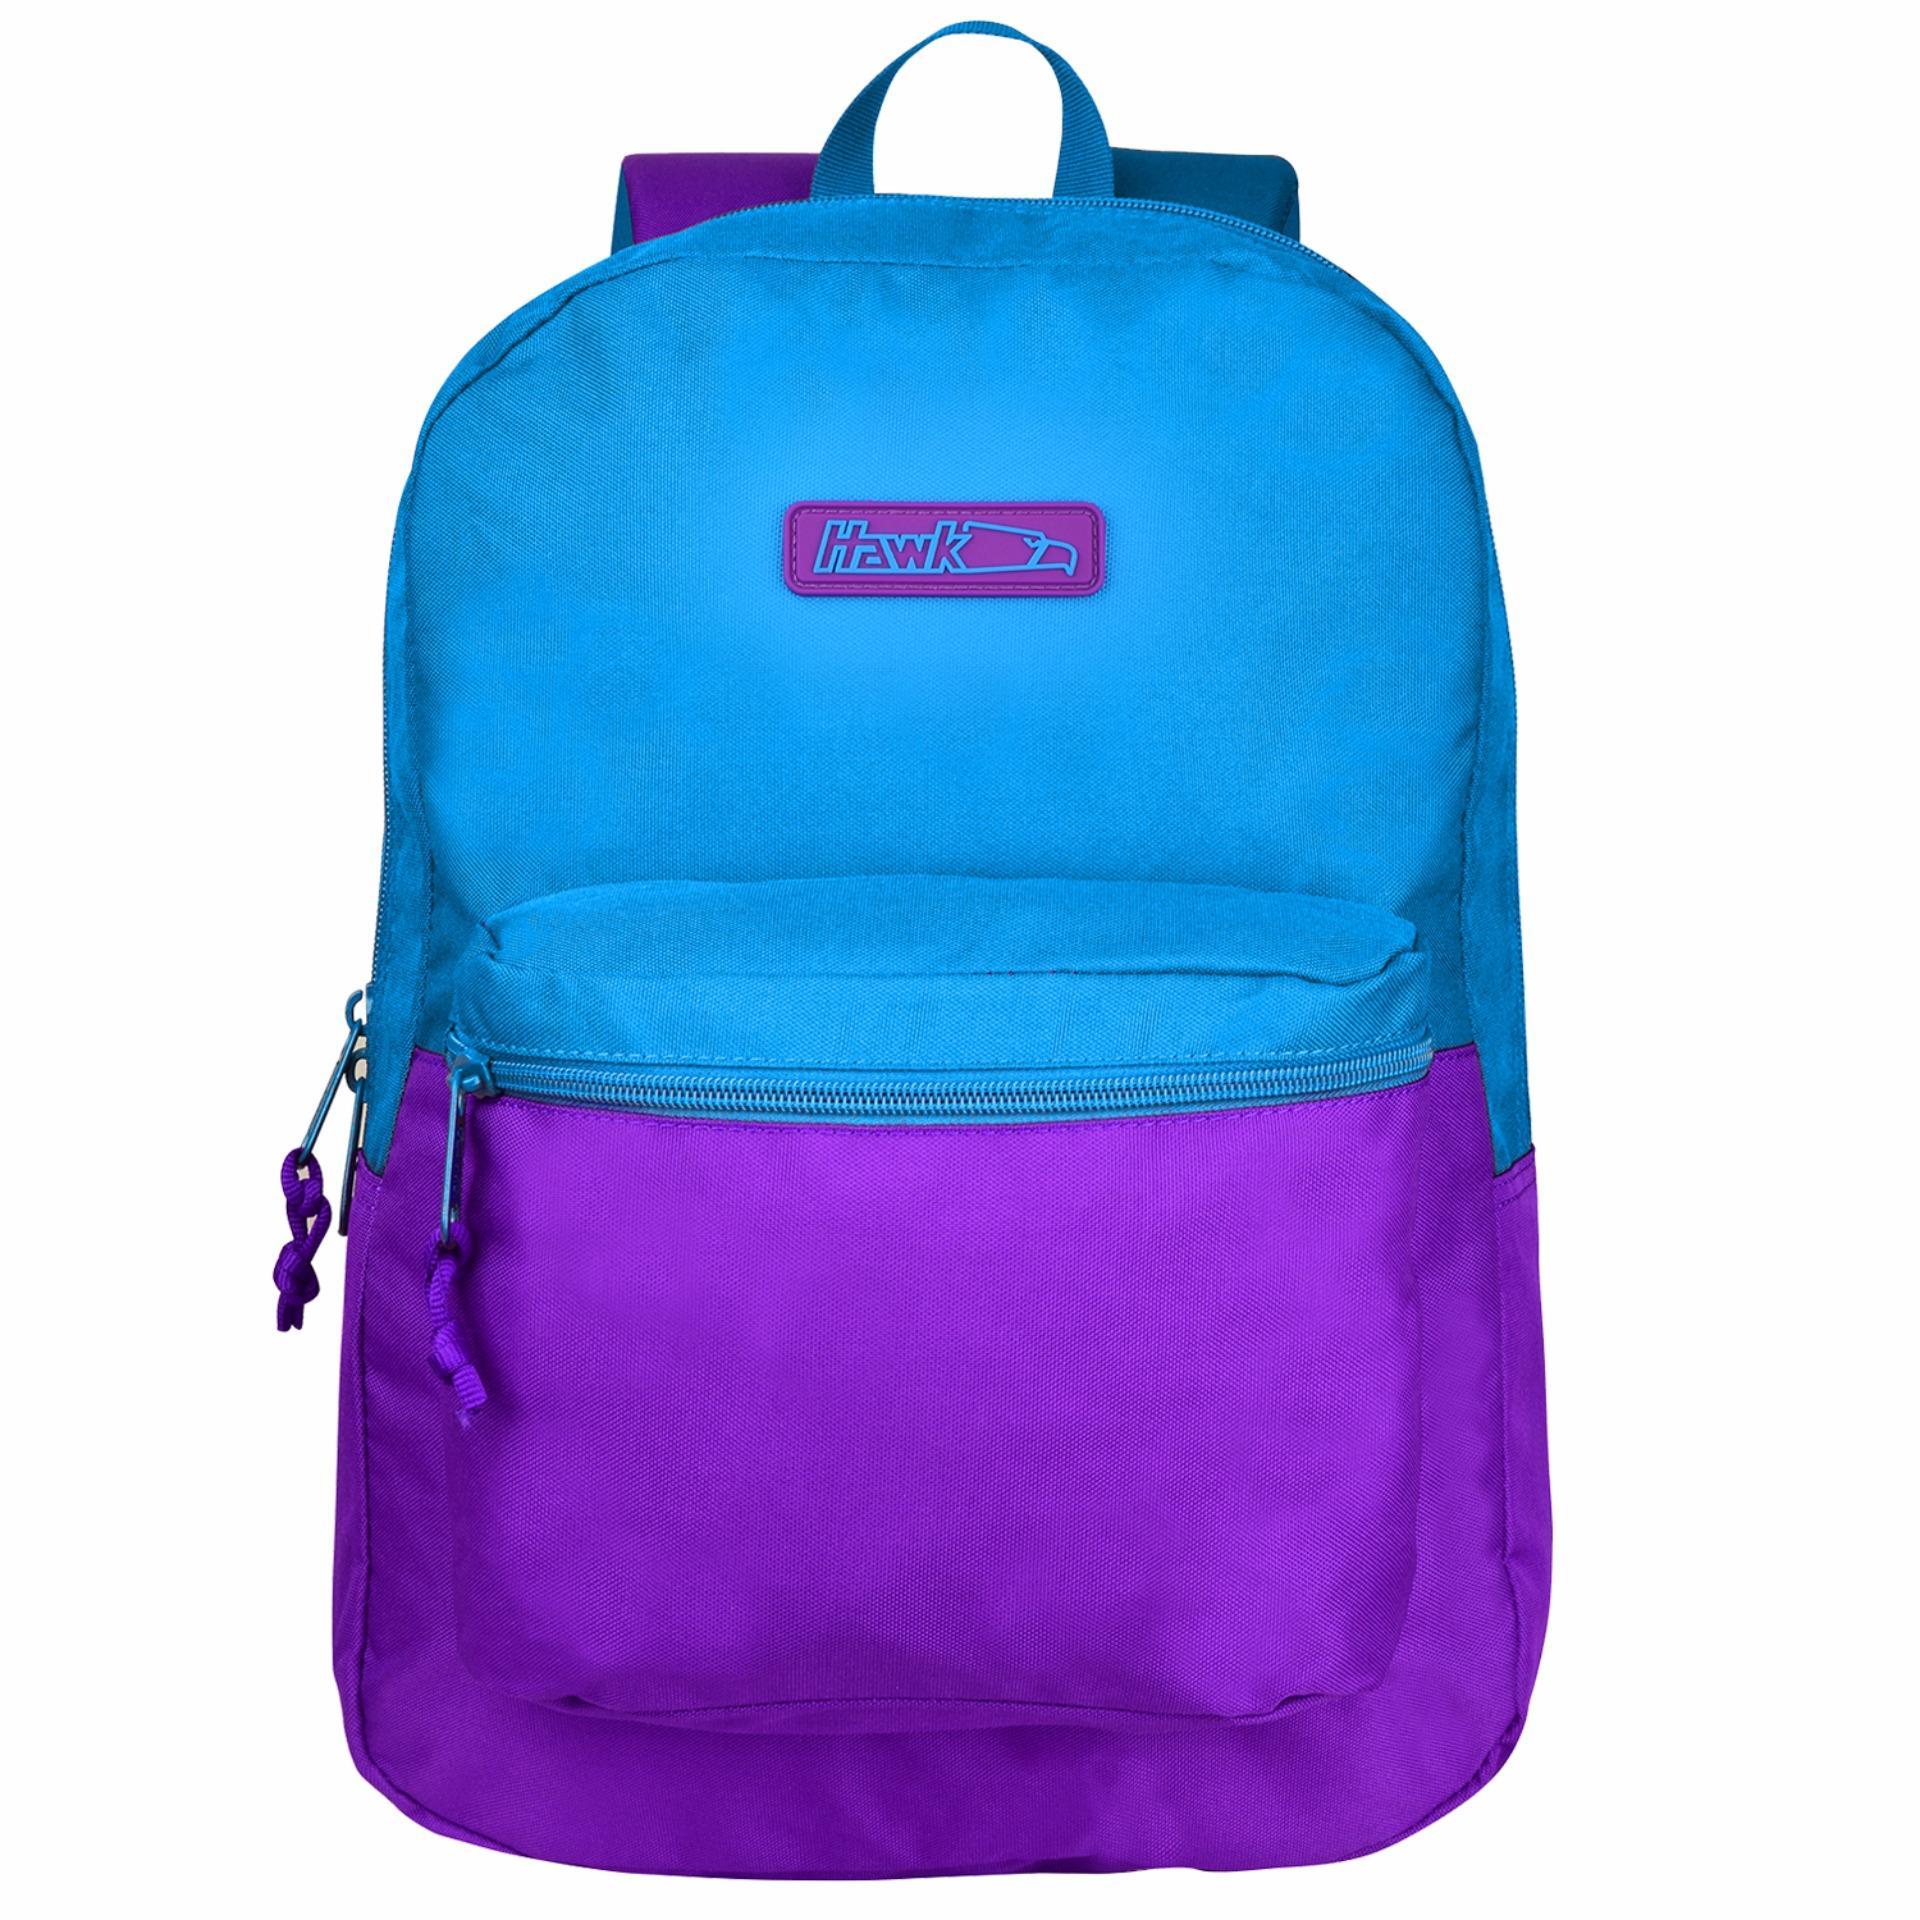 hawk 4897 backpack sea blue purple philippines